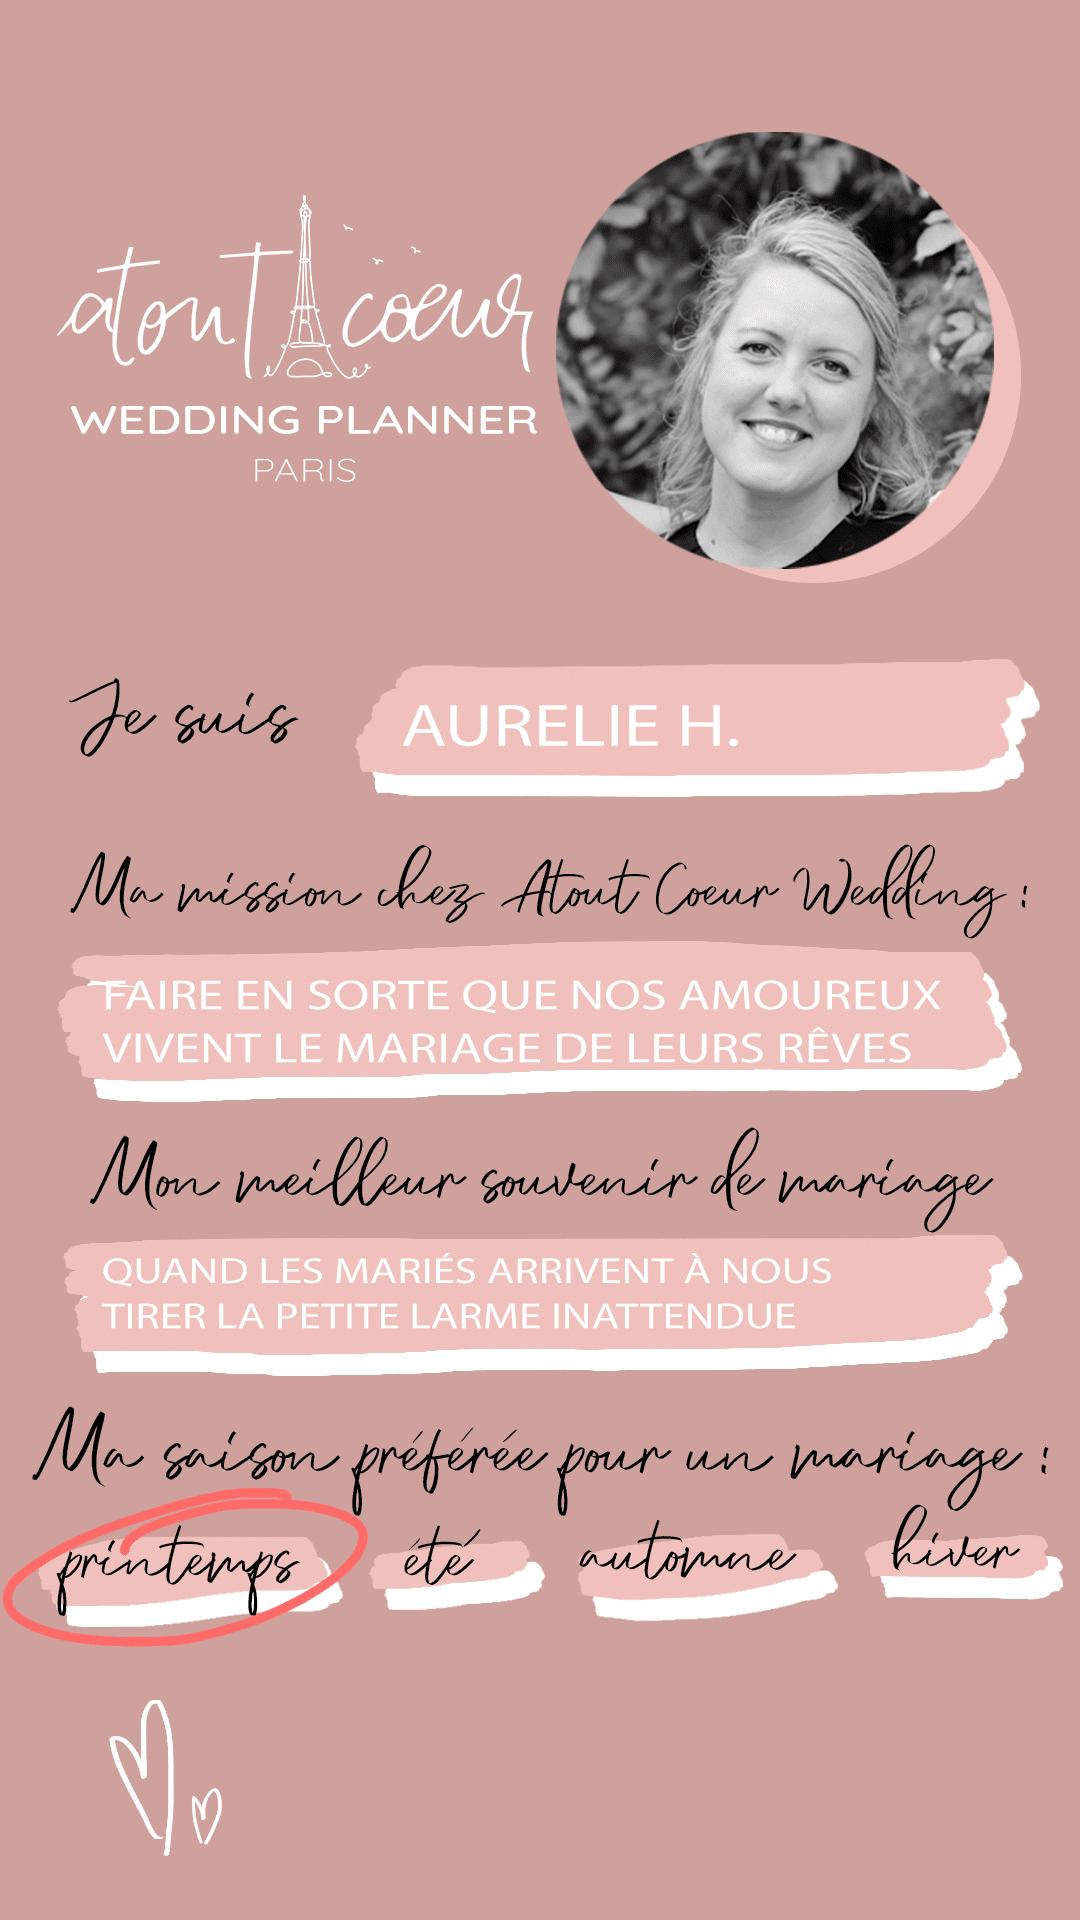 presentation equipe wedding planner Aurelie